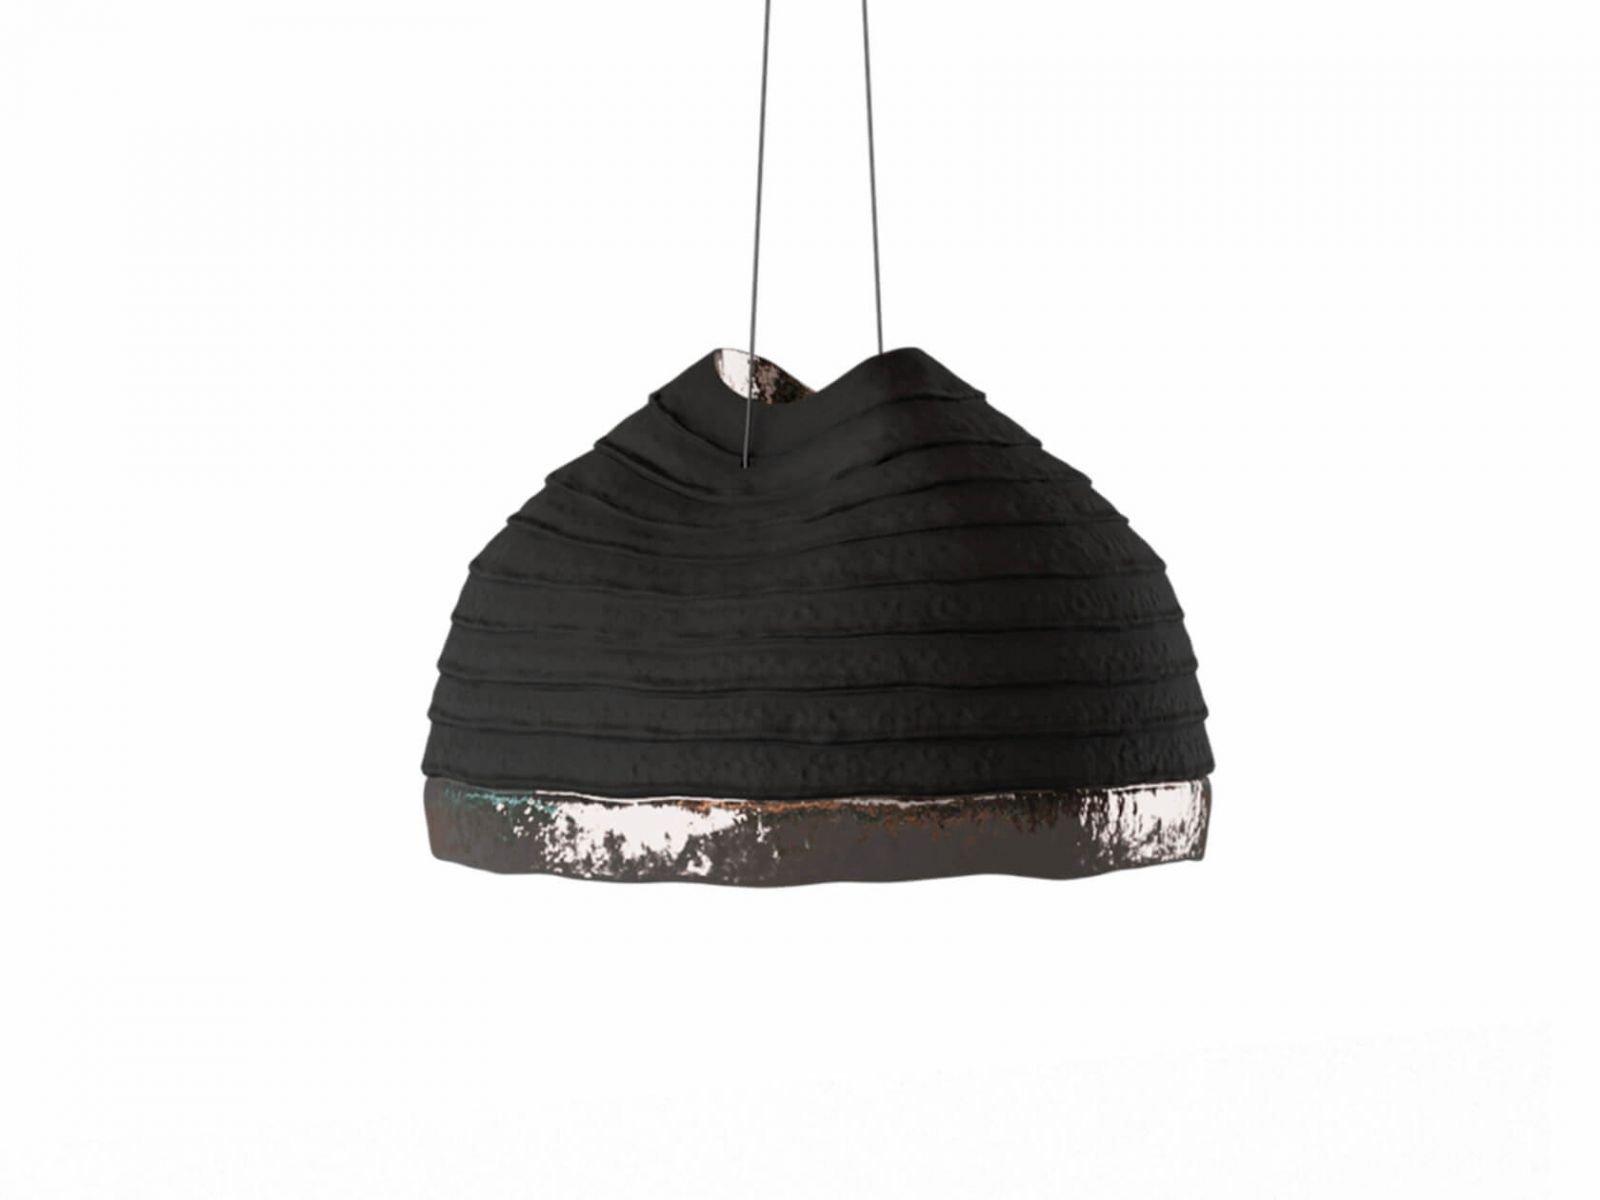 Светильник Obriy изготовлен из ударопрочной глины, а его внутрення поверхность покрыта глазурью. Излучает холодный свет. Доступен в двух размерах: 300х150 мм и 600х305 мм.